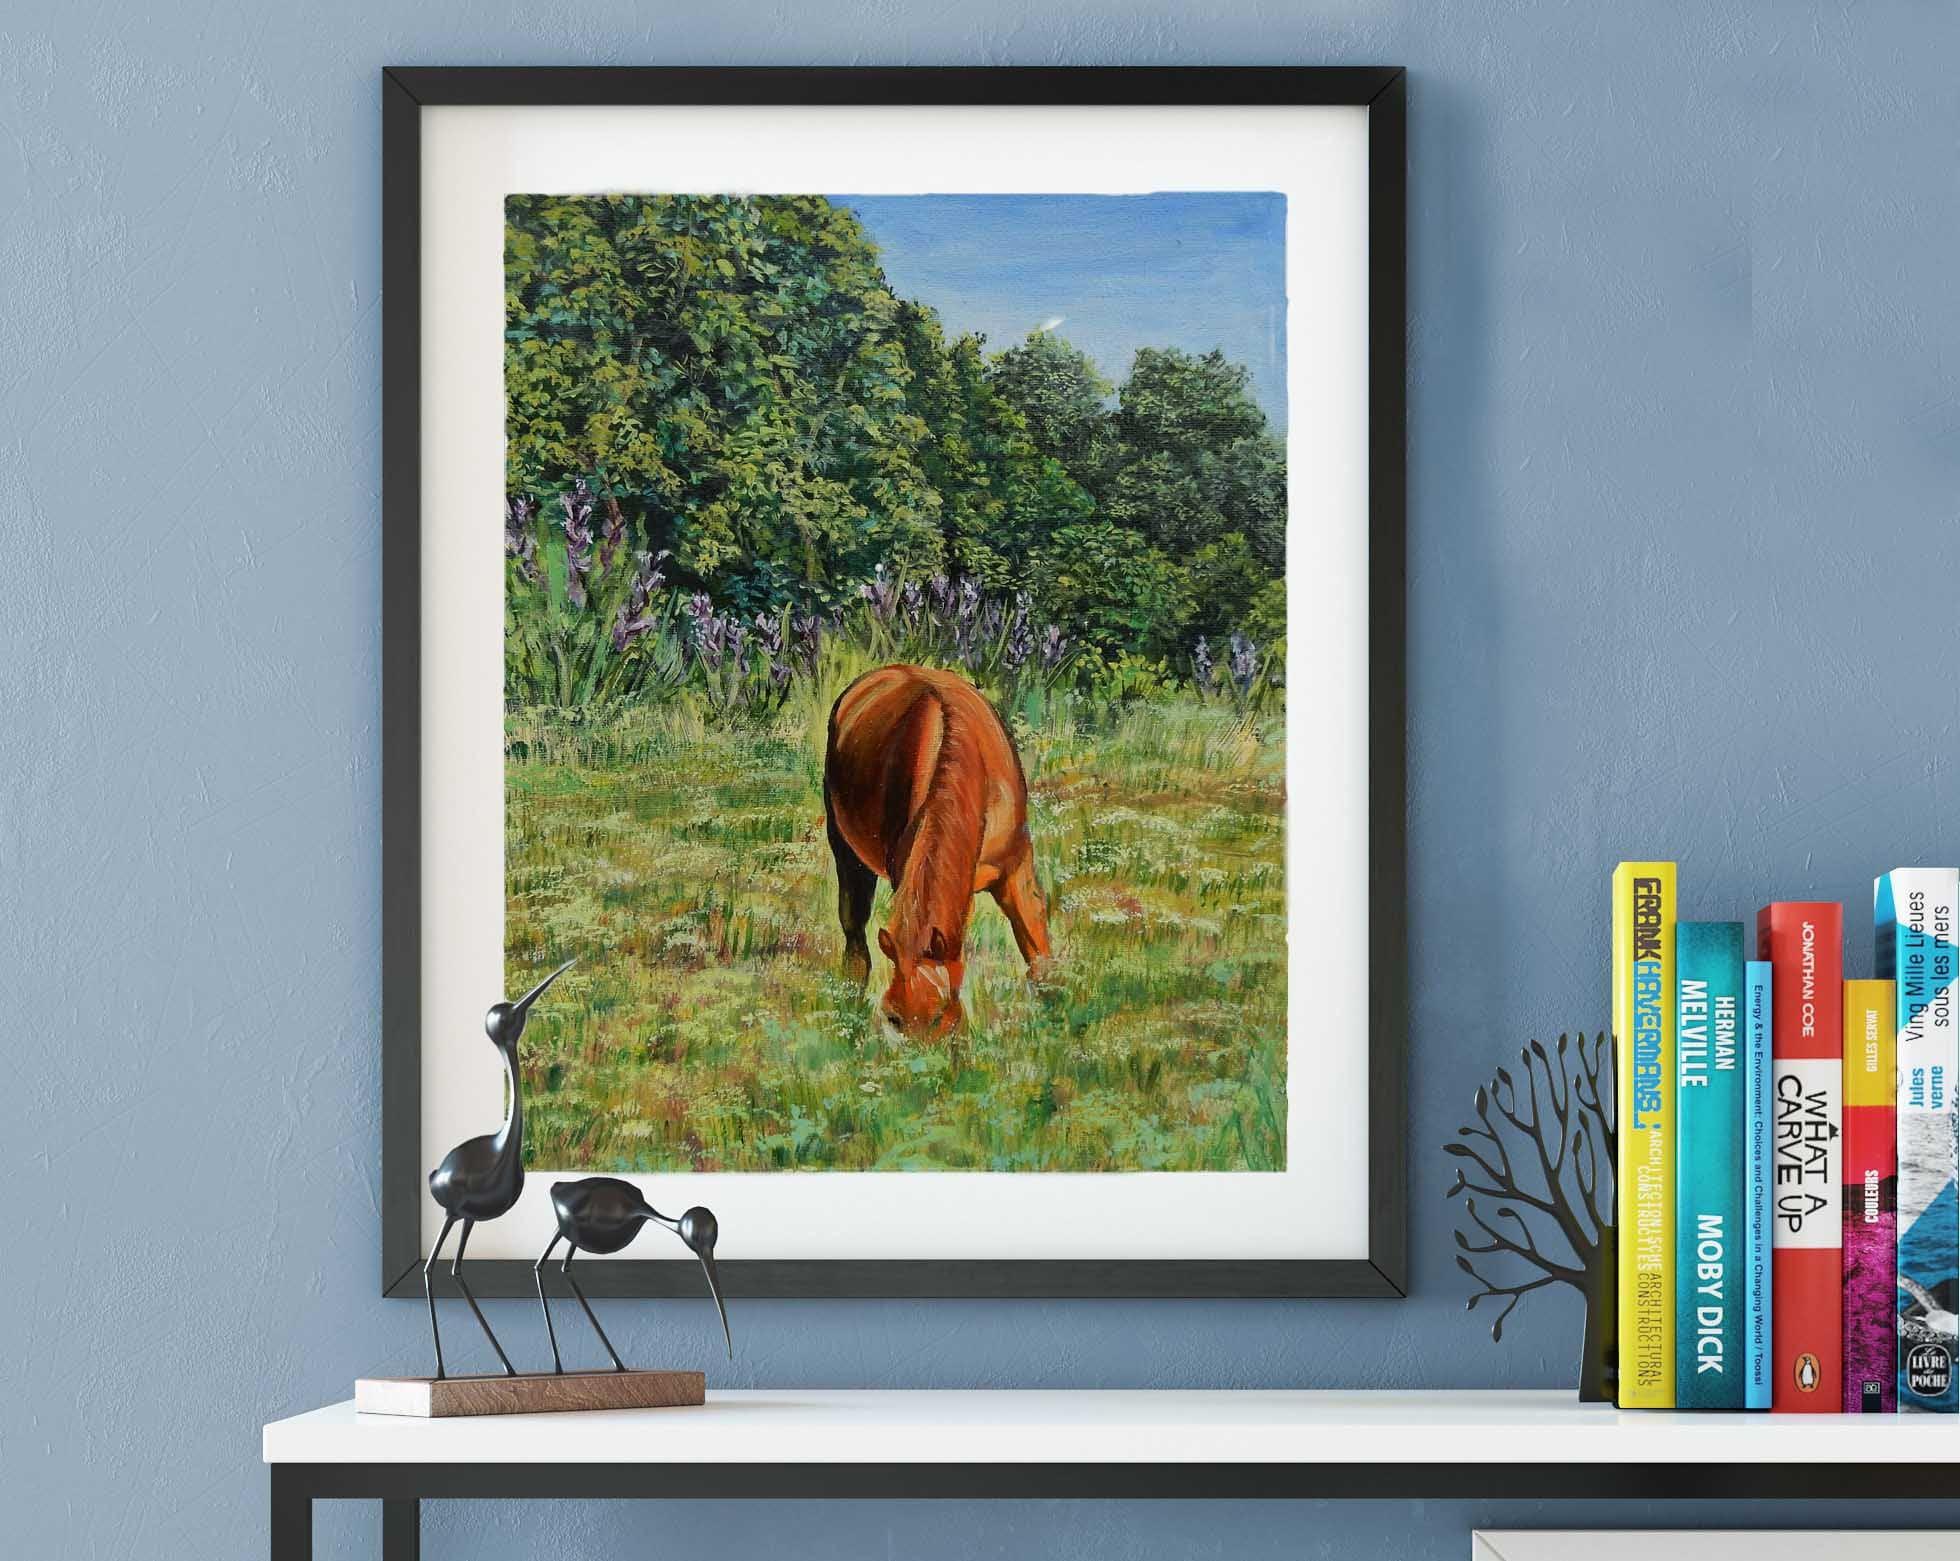 Landscape Painting Horses Art Original Oil Painting Home Decor